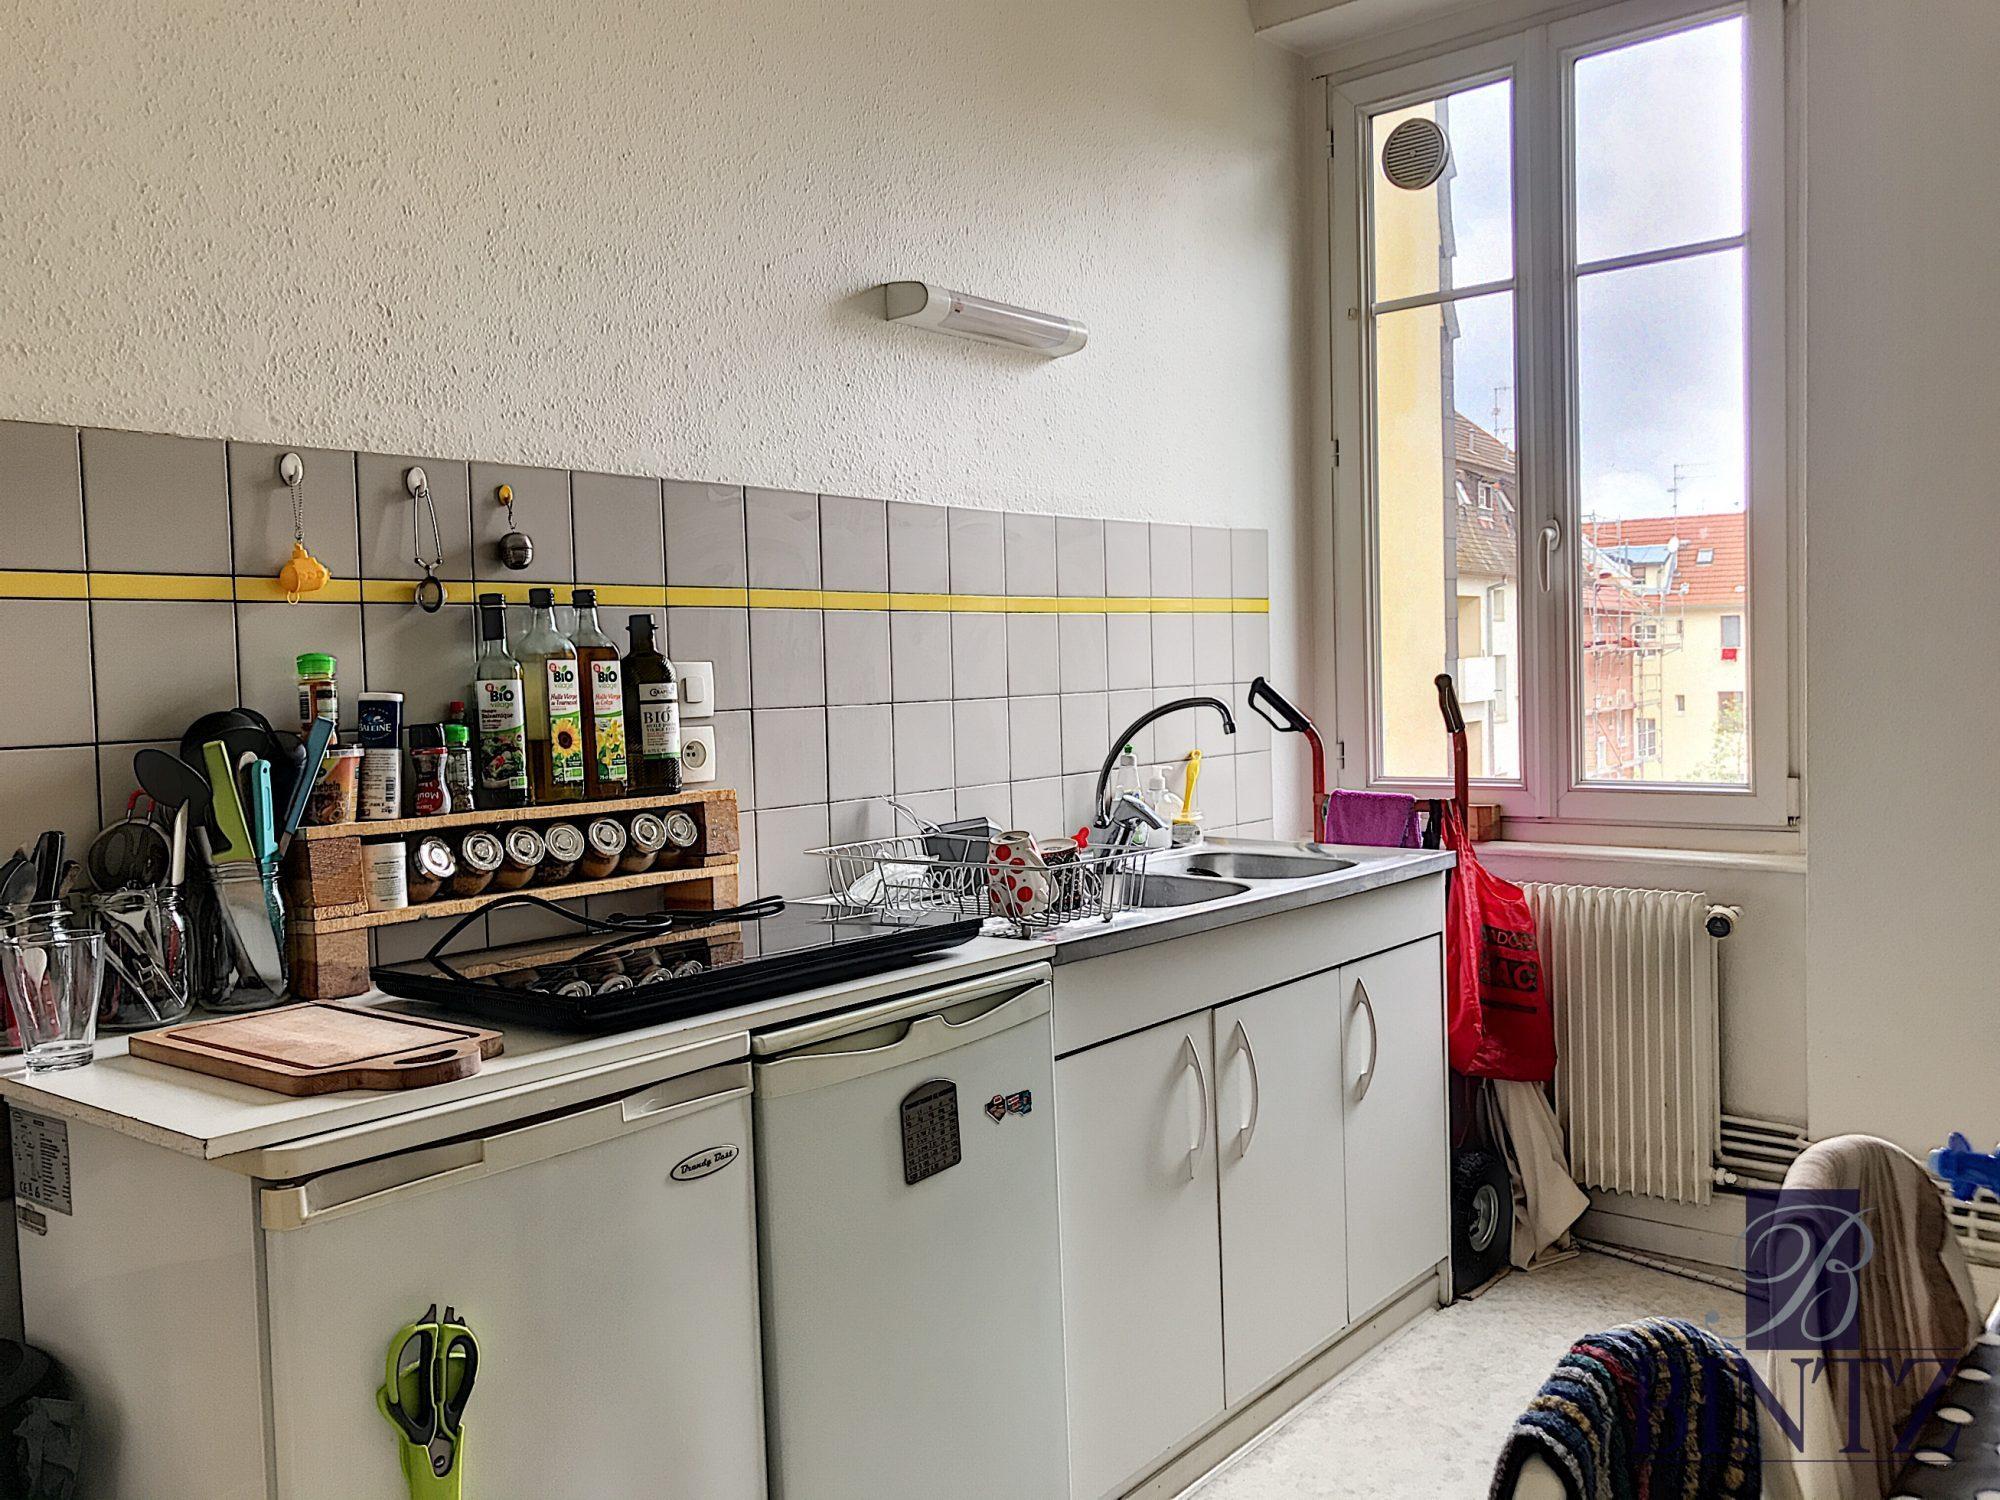 2 PIÈCES NEUDORF - Devenez locataire en toute sérénité - Bintz Immobilier - 7